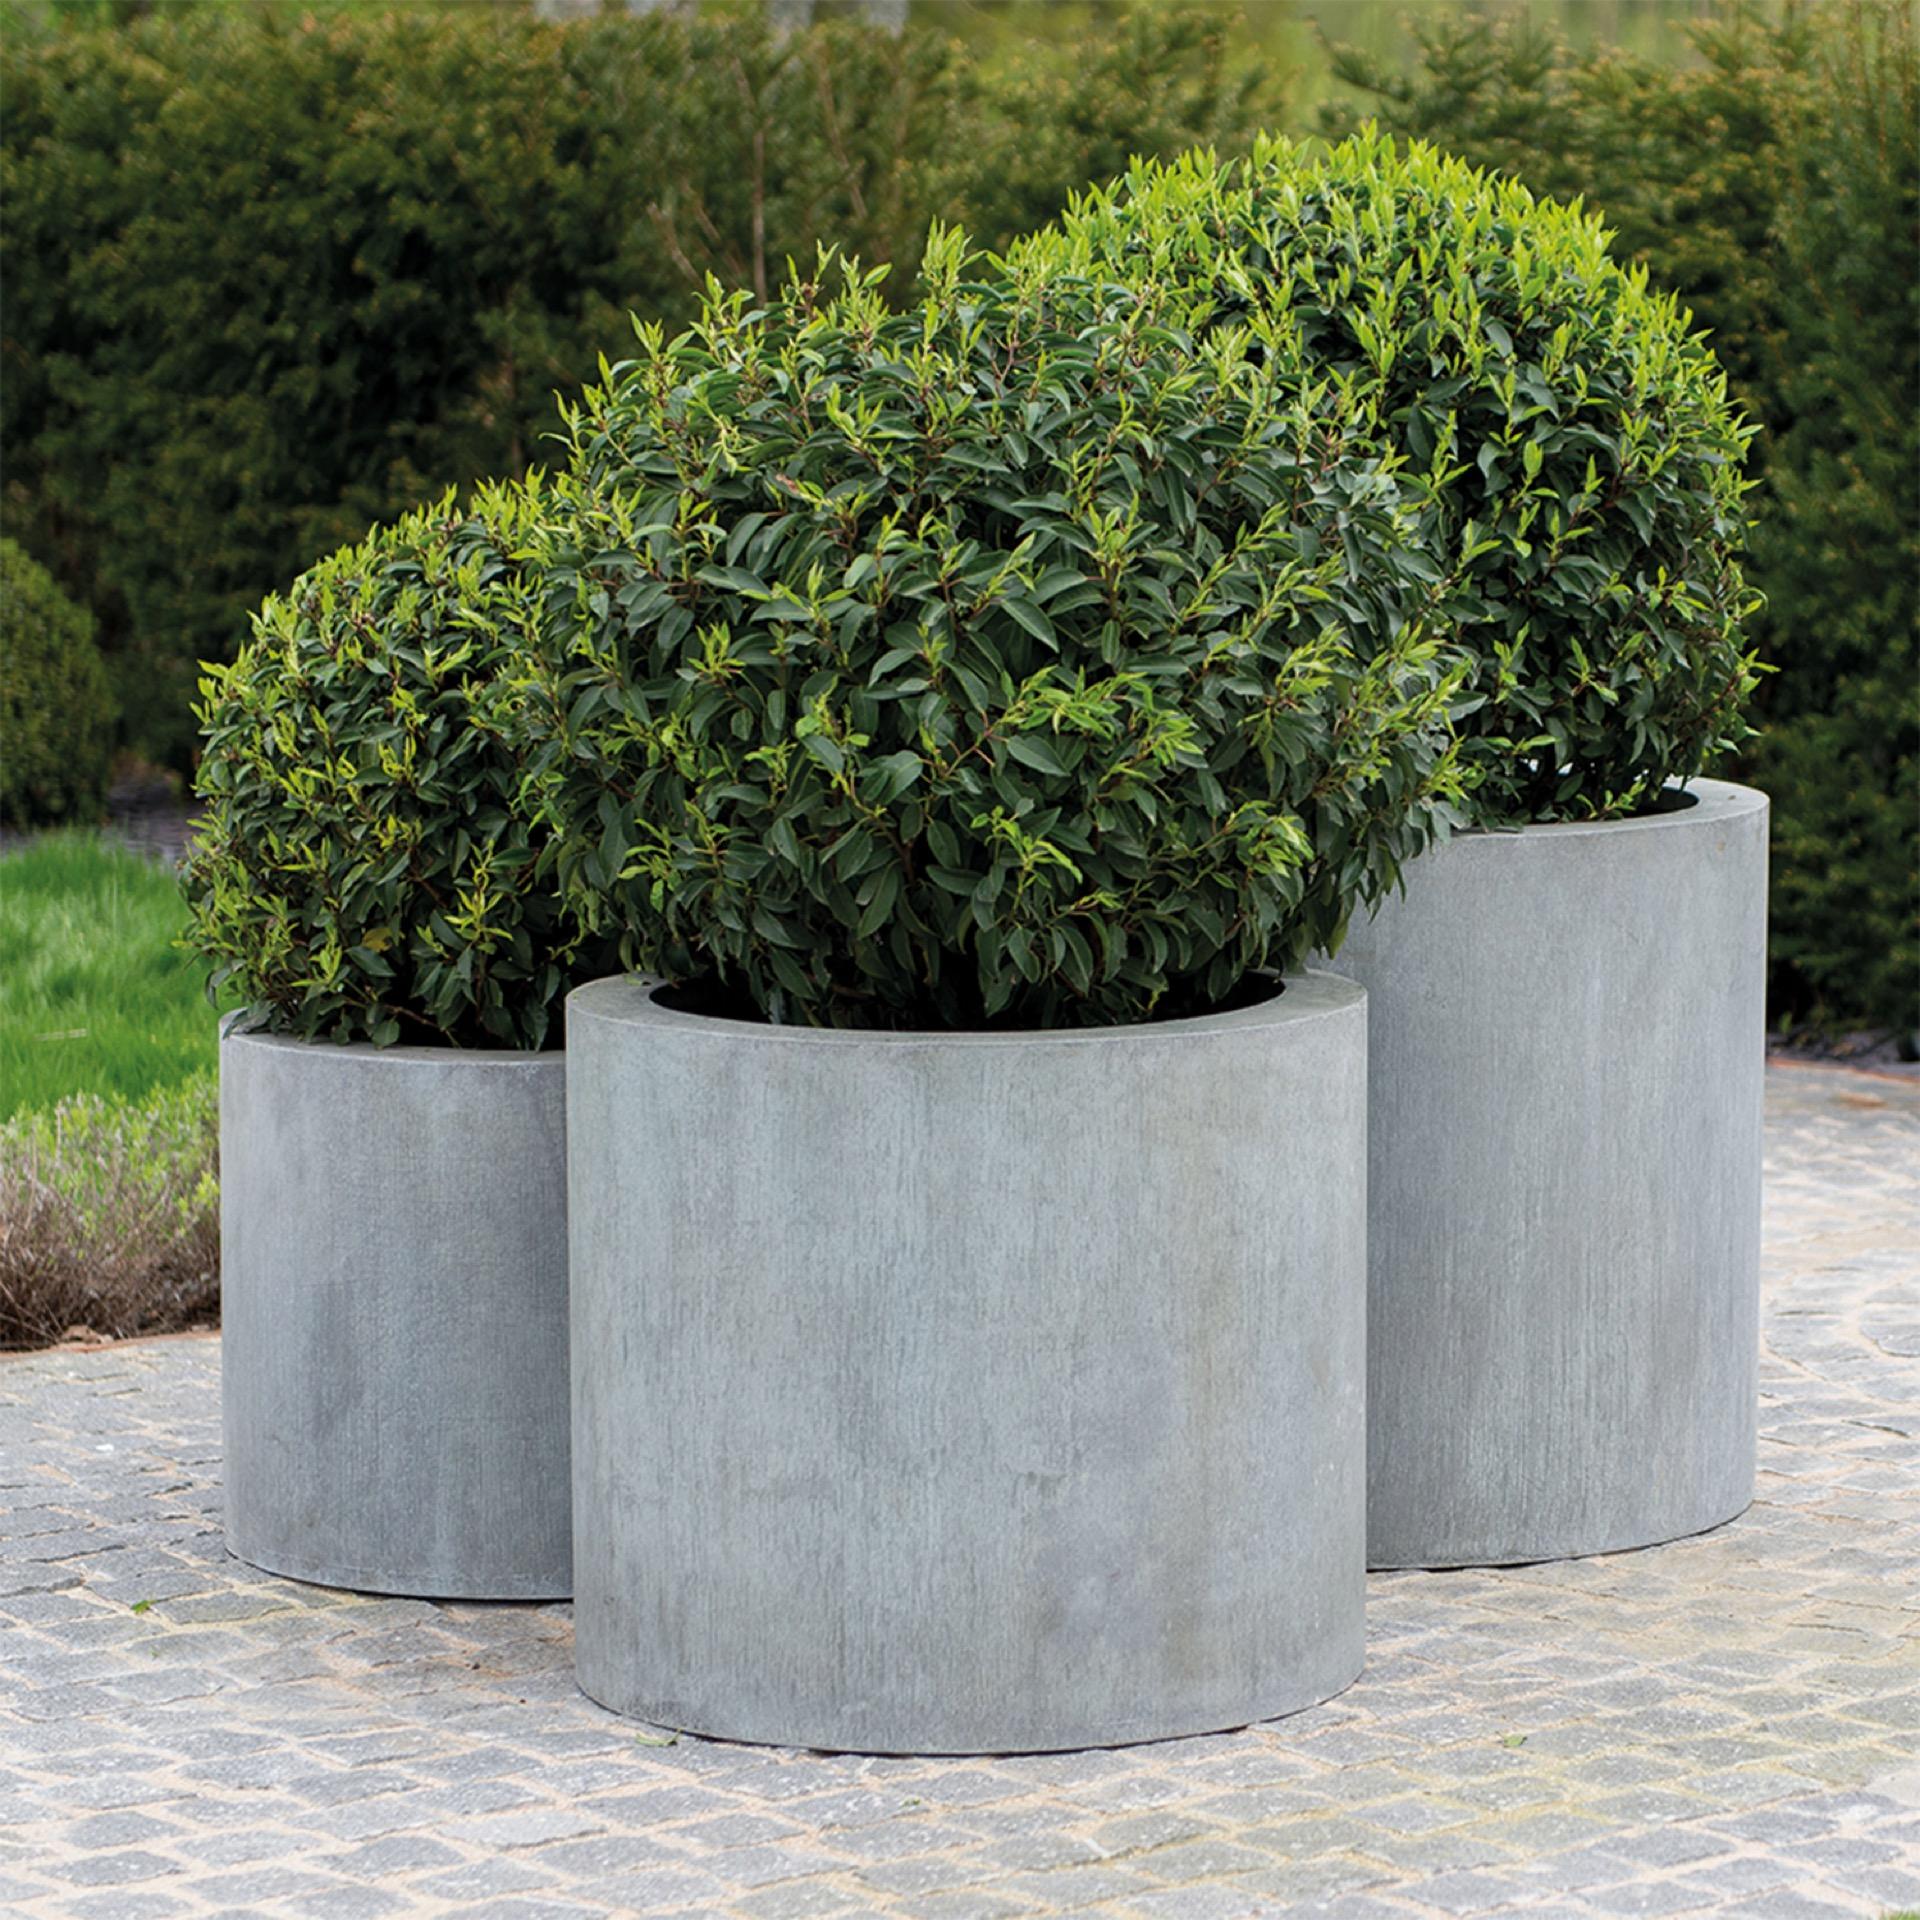 Elijas Round Planter